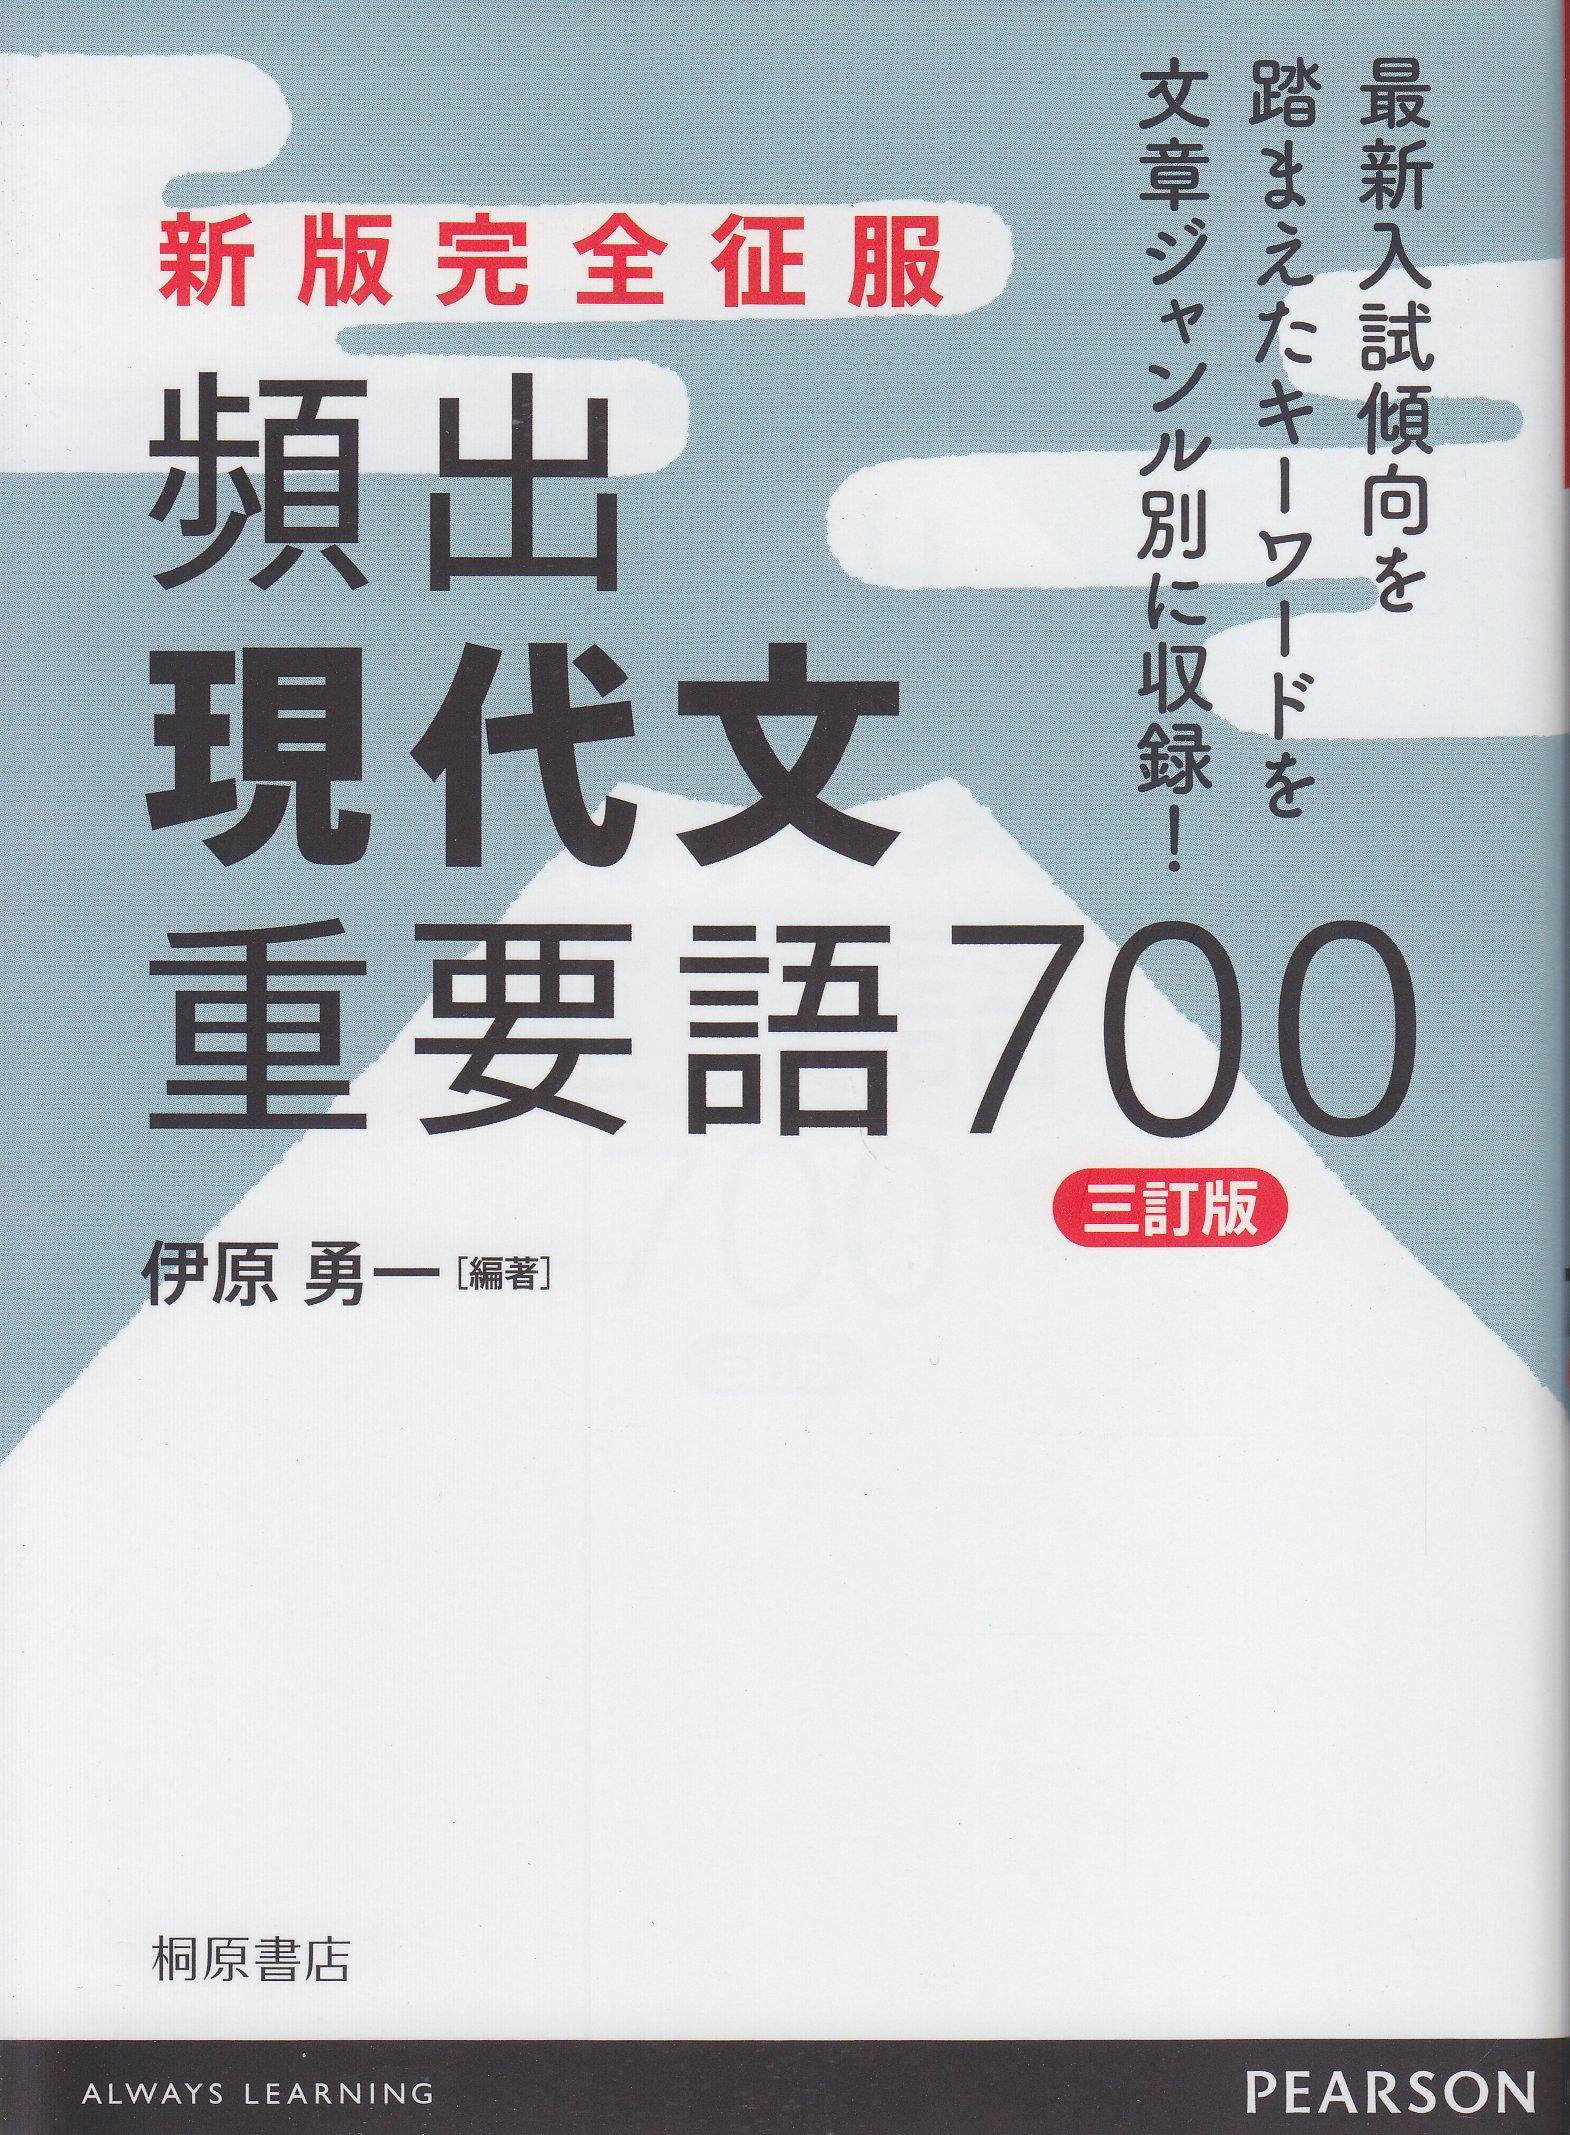 現代文の語彙力をつけるためのおすすめ参考書『頻出現代文重要語700』